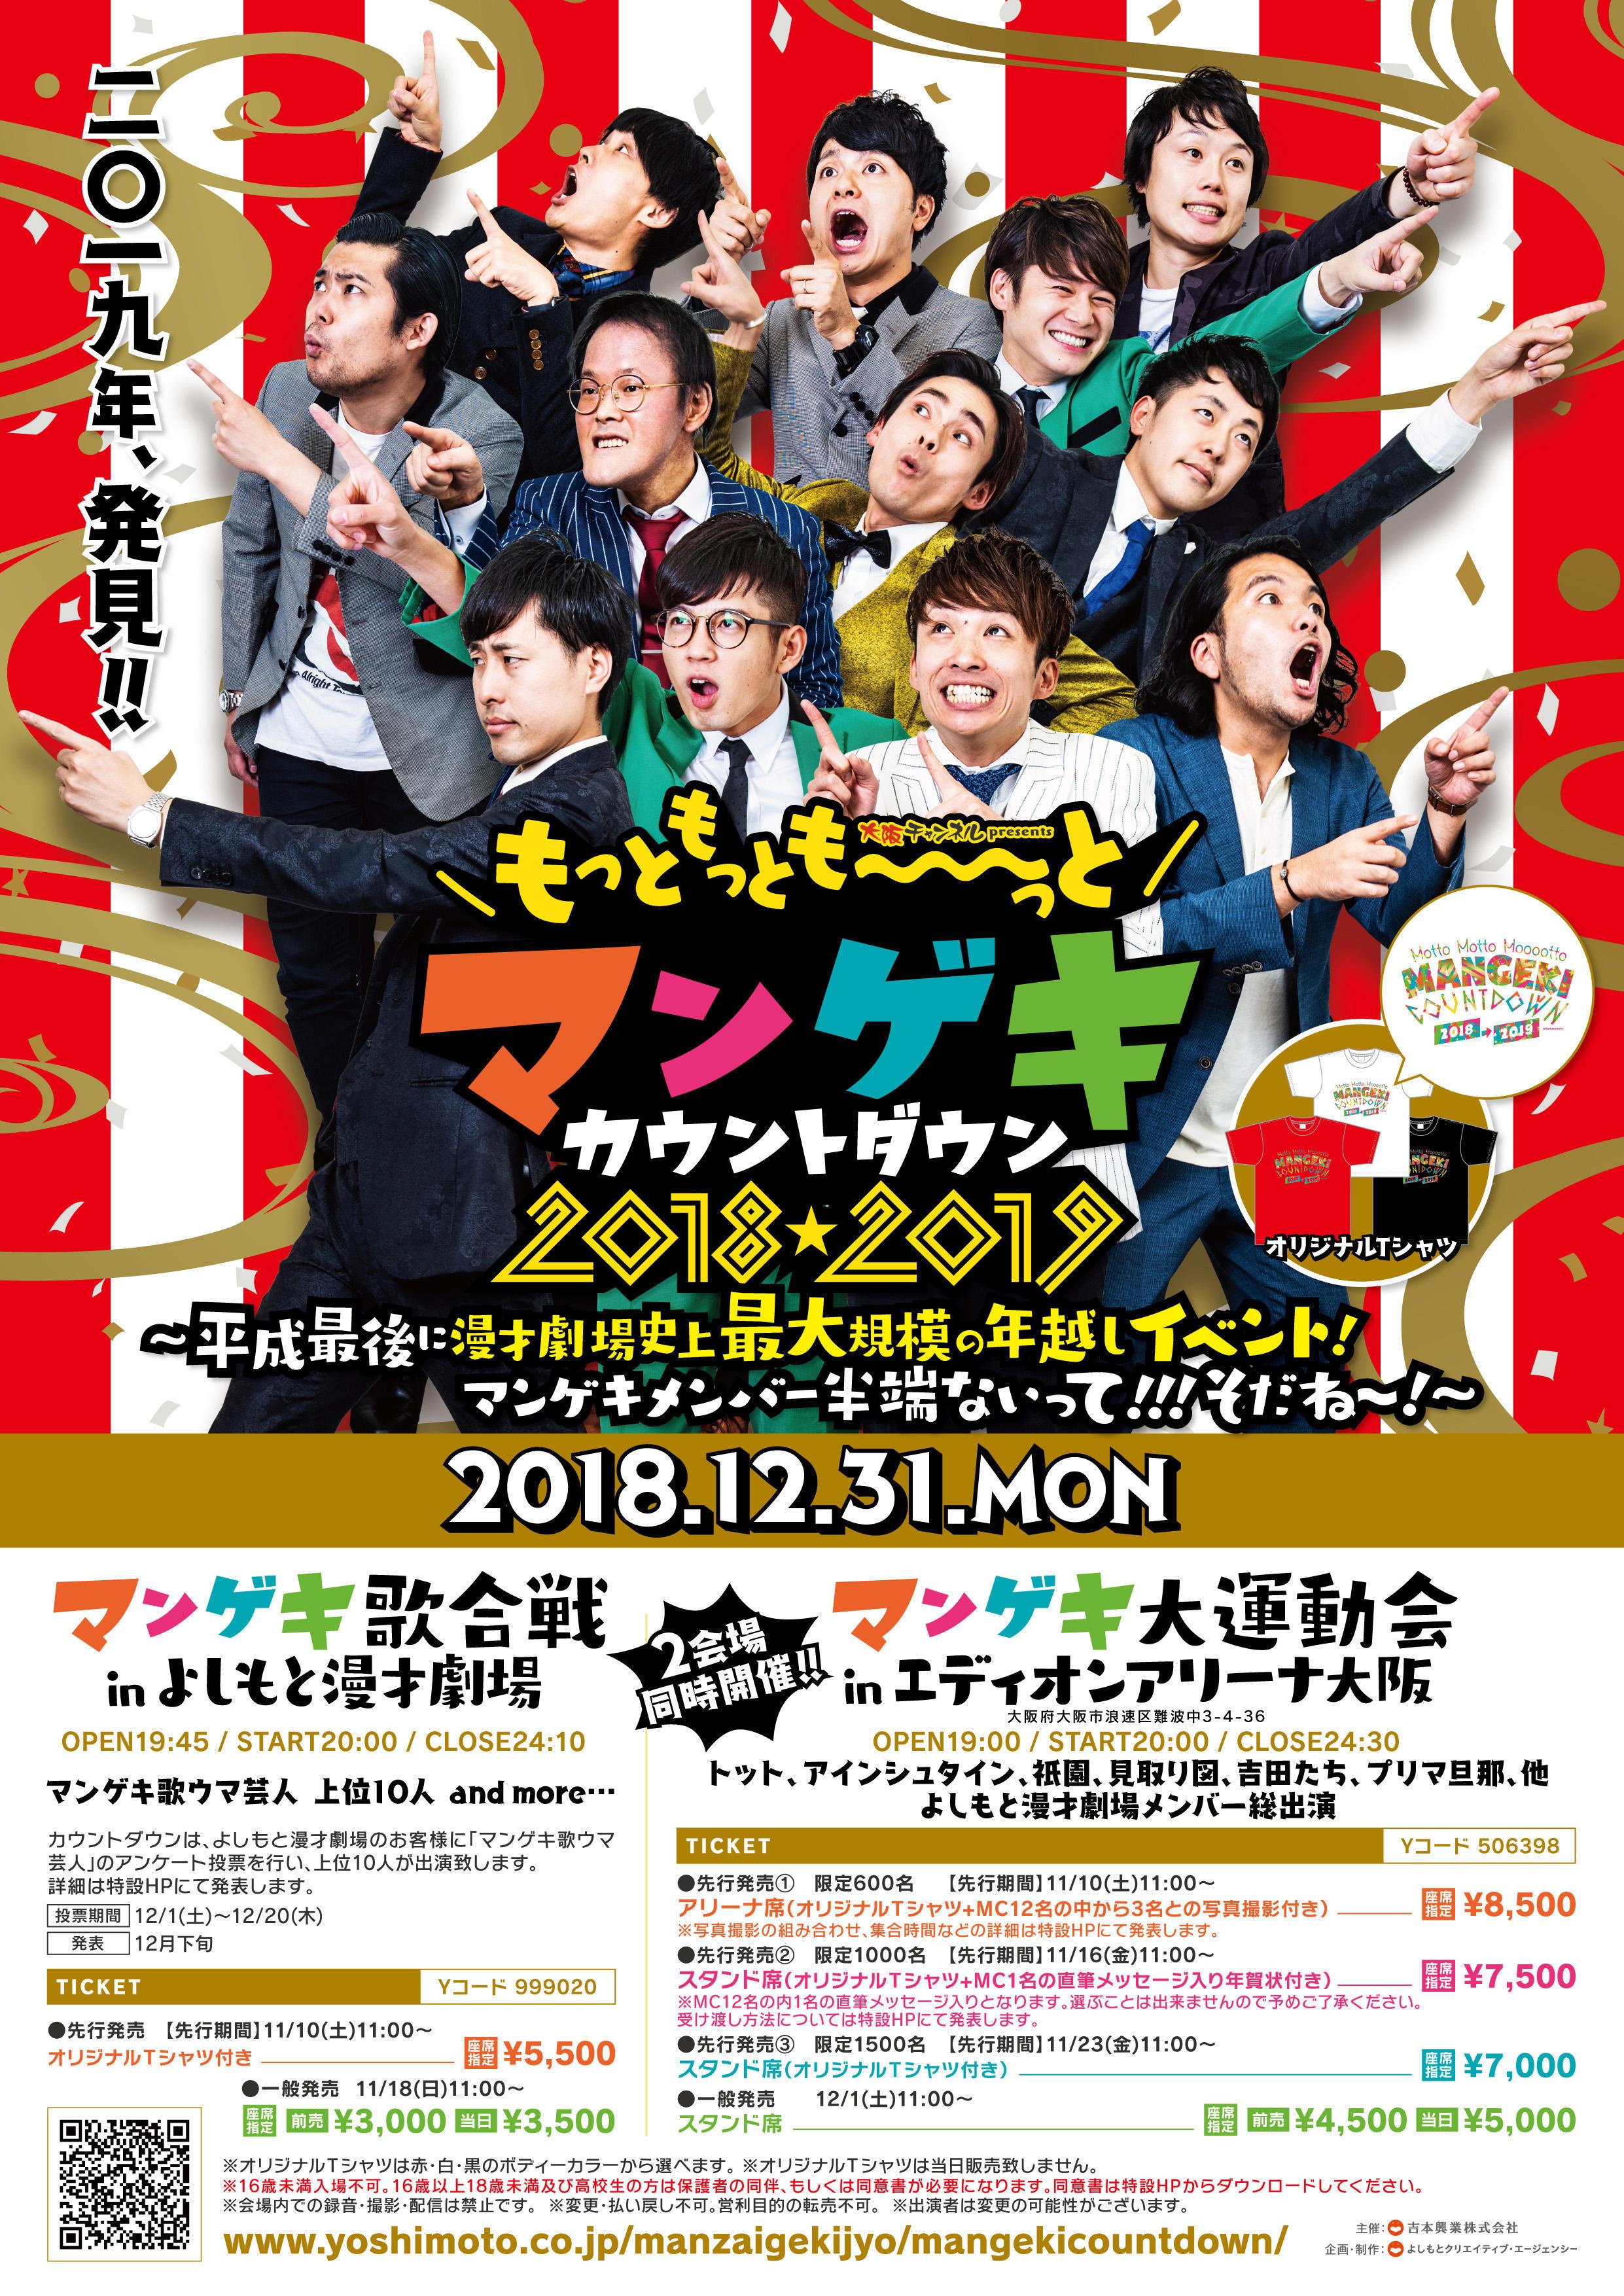 http://news.yoshimoto.co.jp/20181109121825-88deb7cec6f1487f2bd878ac5e2a1139b293880f.jpg